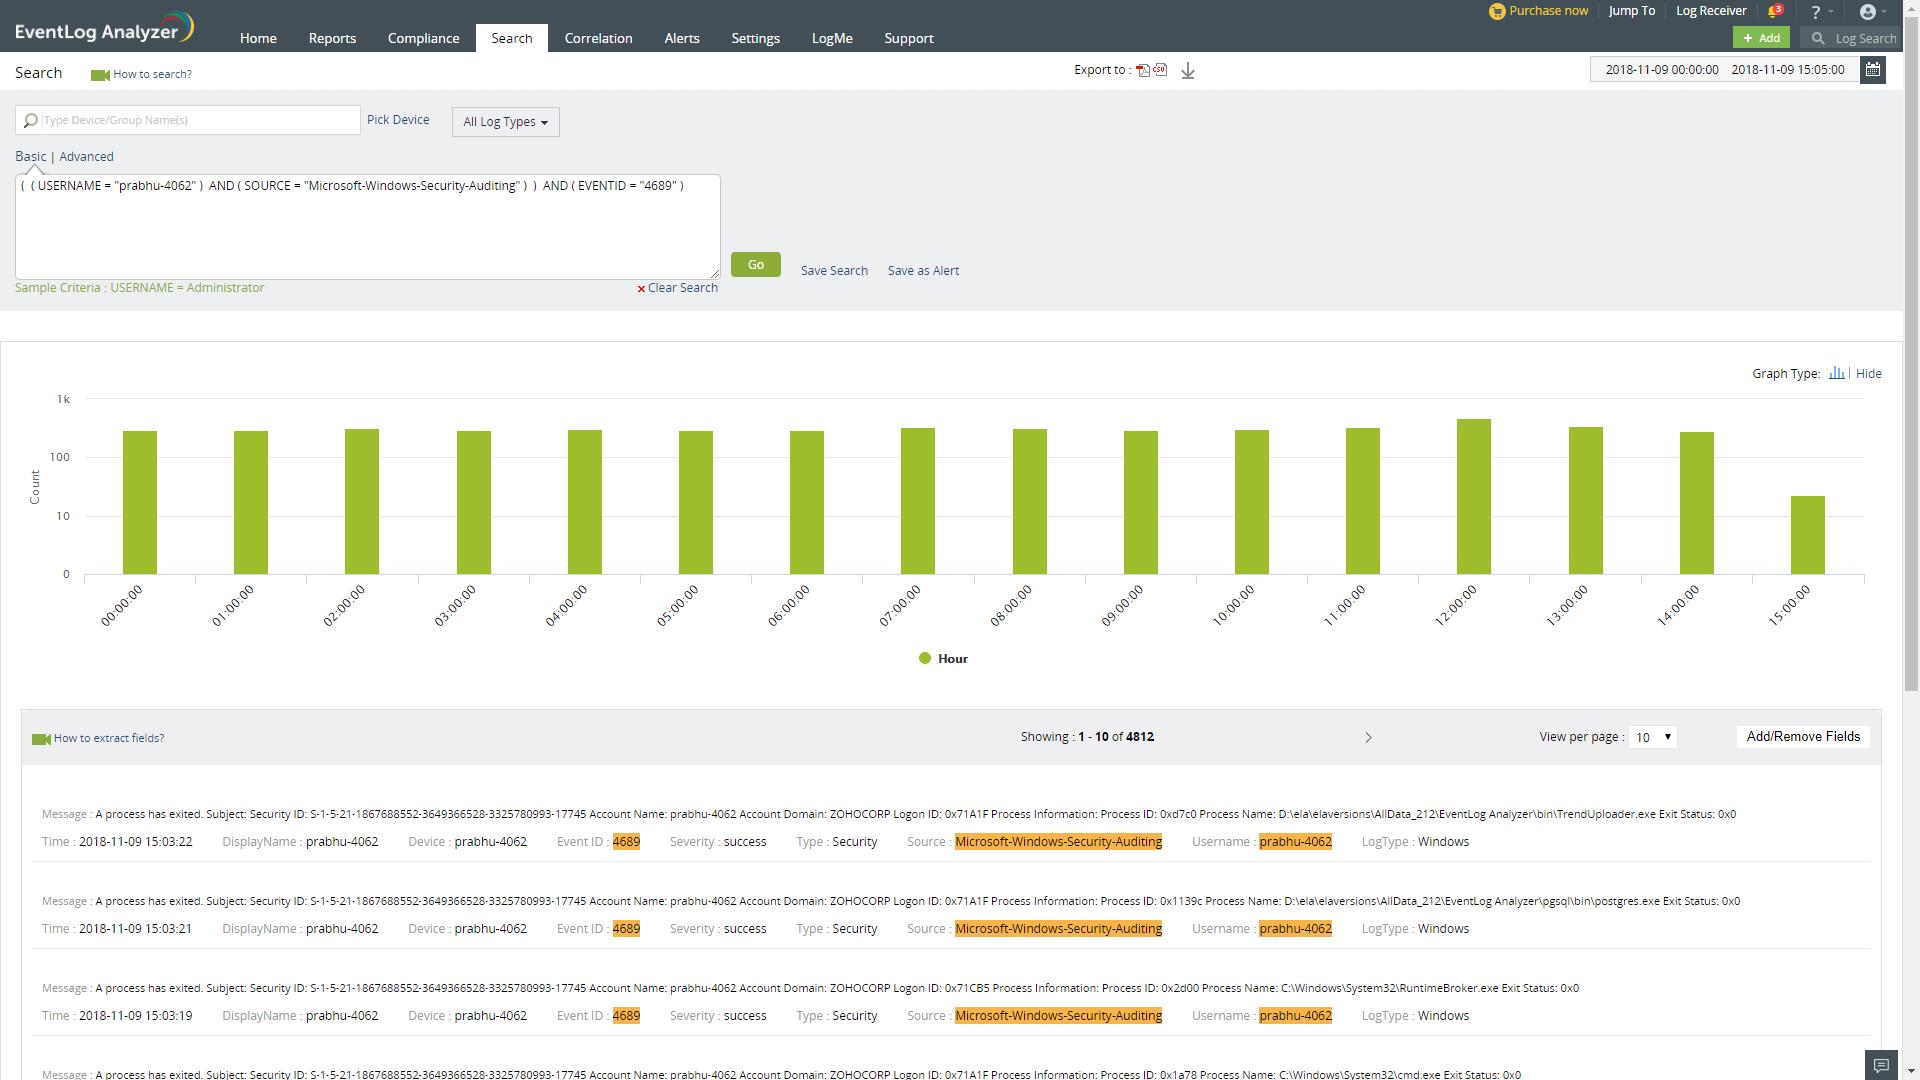 ManageEngine EventLog Analyzer Software - EventLogAnalyzer search screenshot